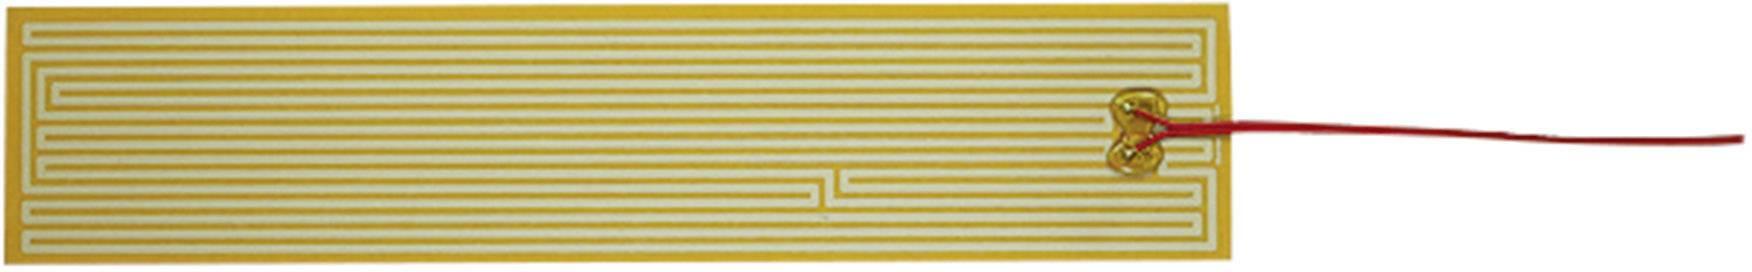 Tepelná fólie samolepicí Thermo 12 V/DC, 12 V/AC, 8 W, krytí IPX4, (d x š) 400 mm x 85 mm